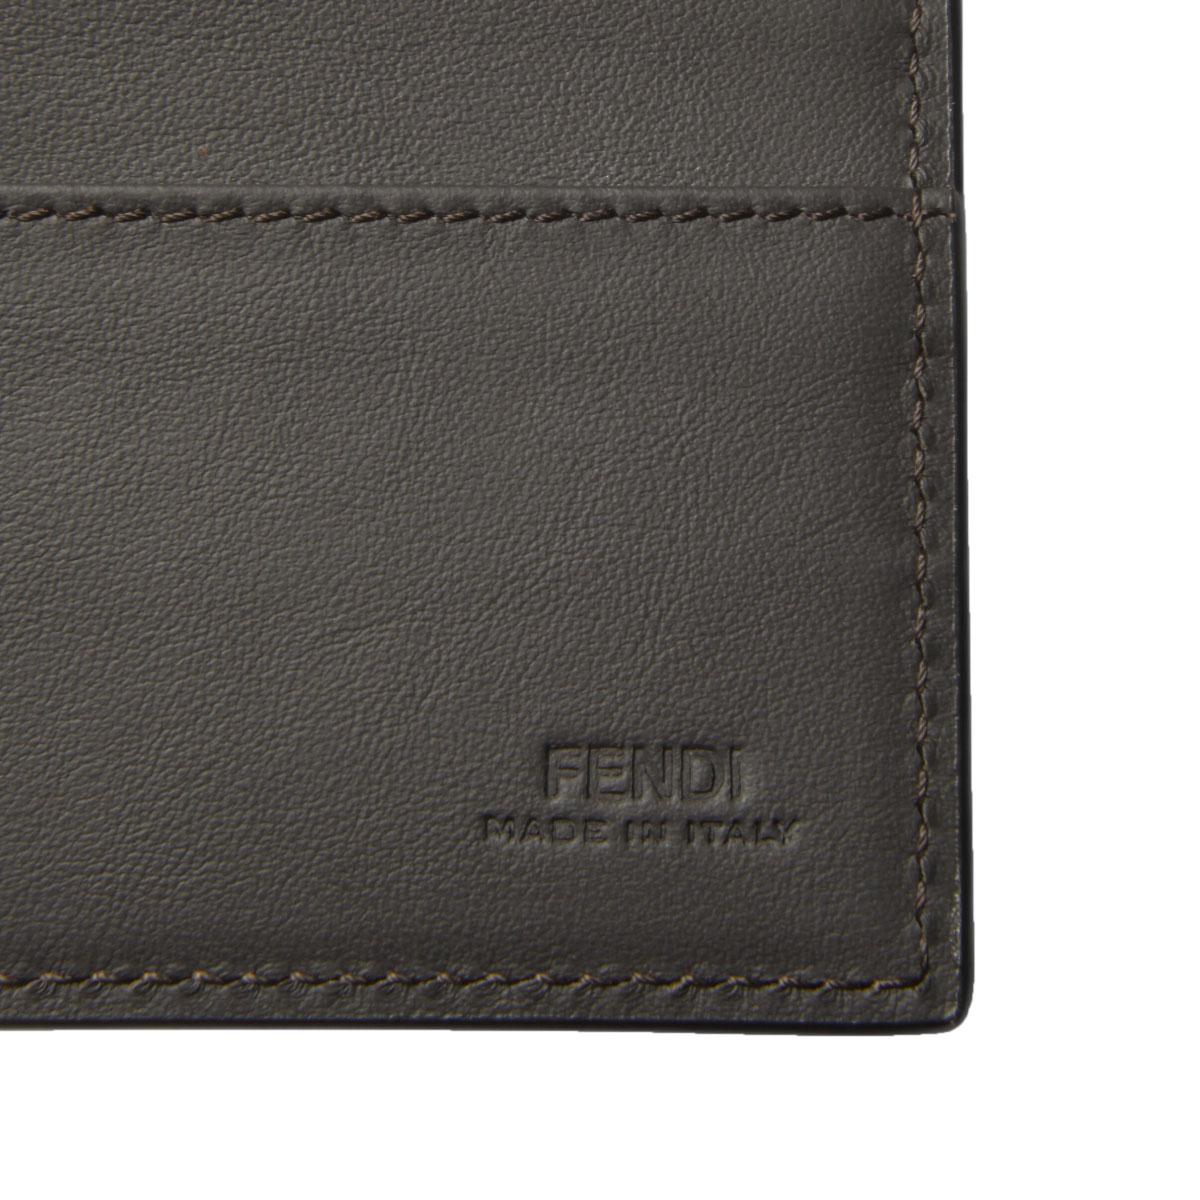 FENDI フェンディ   二つ折り長財布